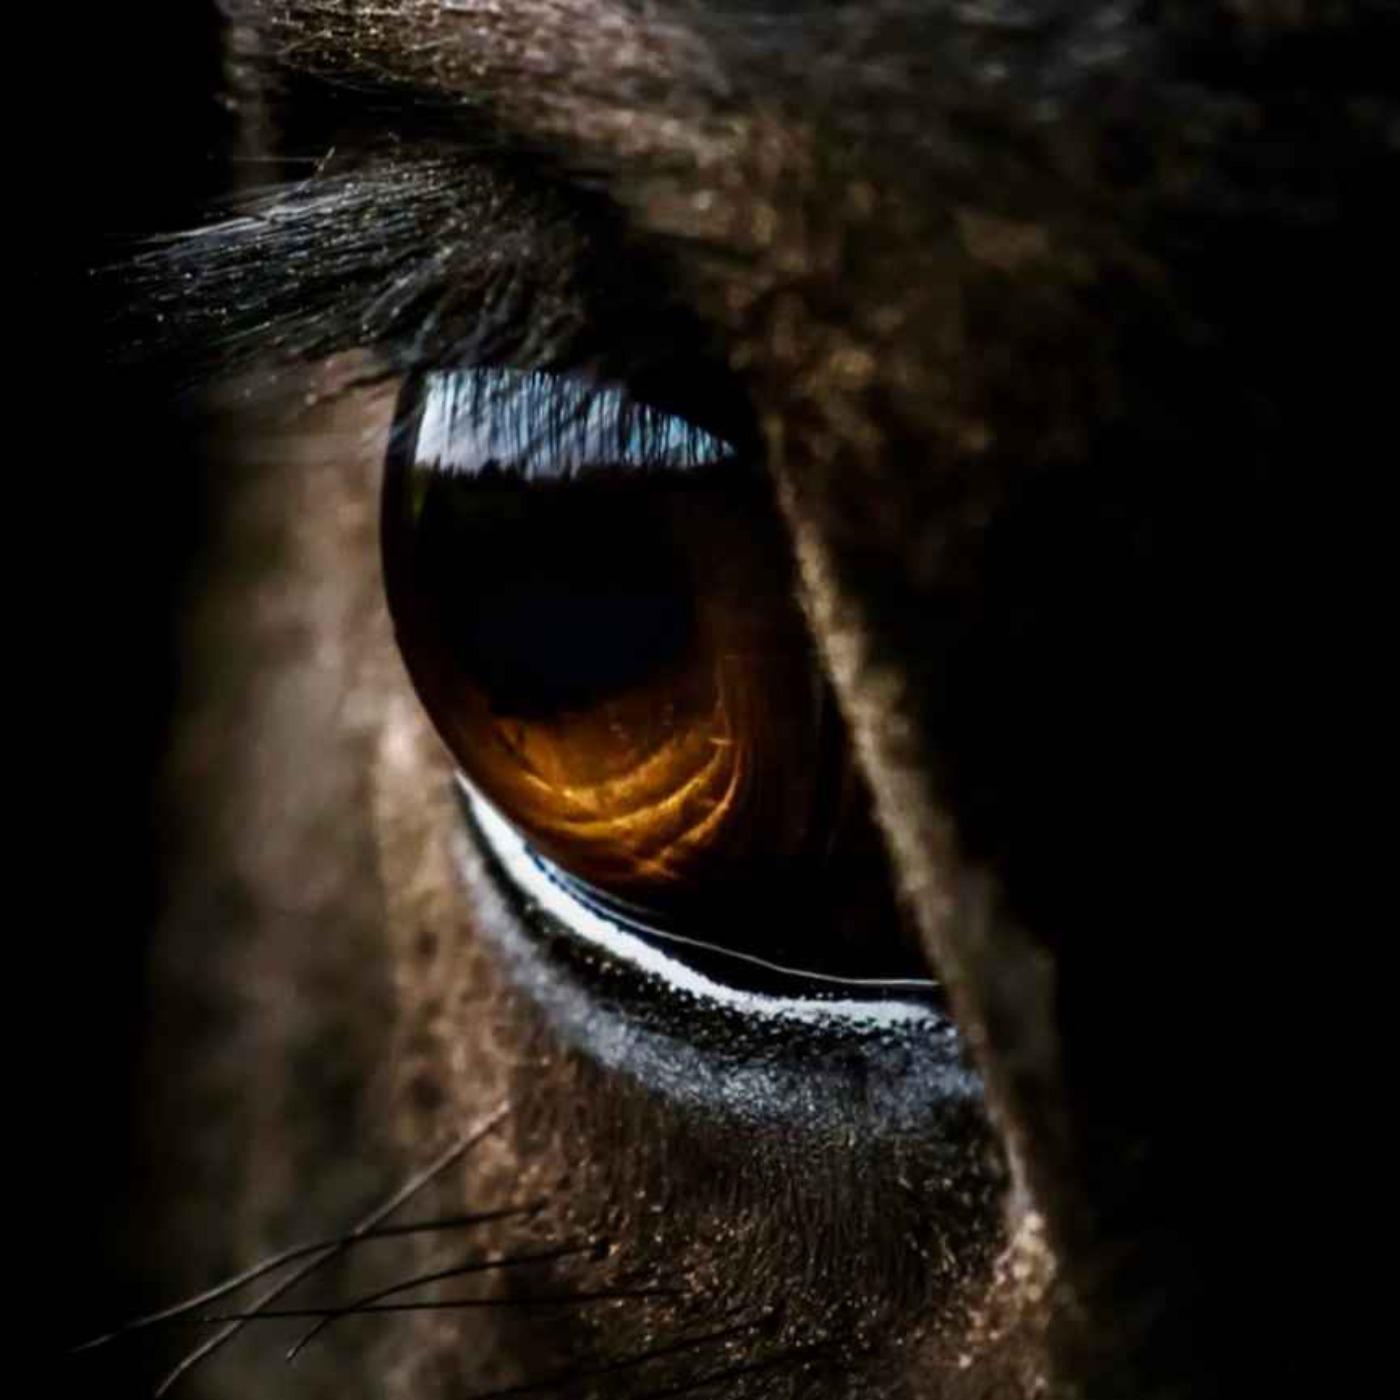 59 - Har hesten deg i øyet?